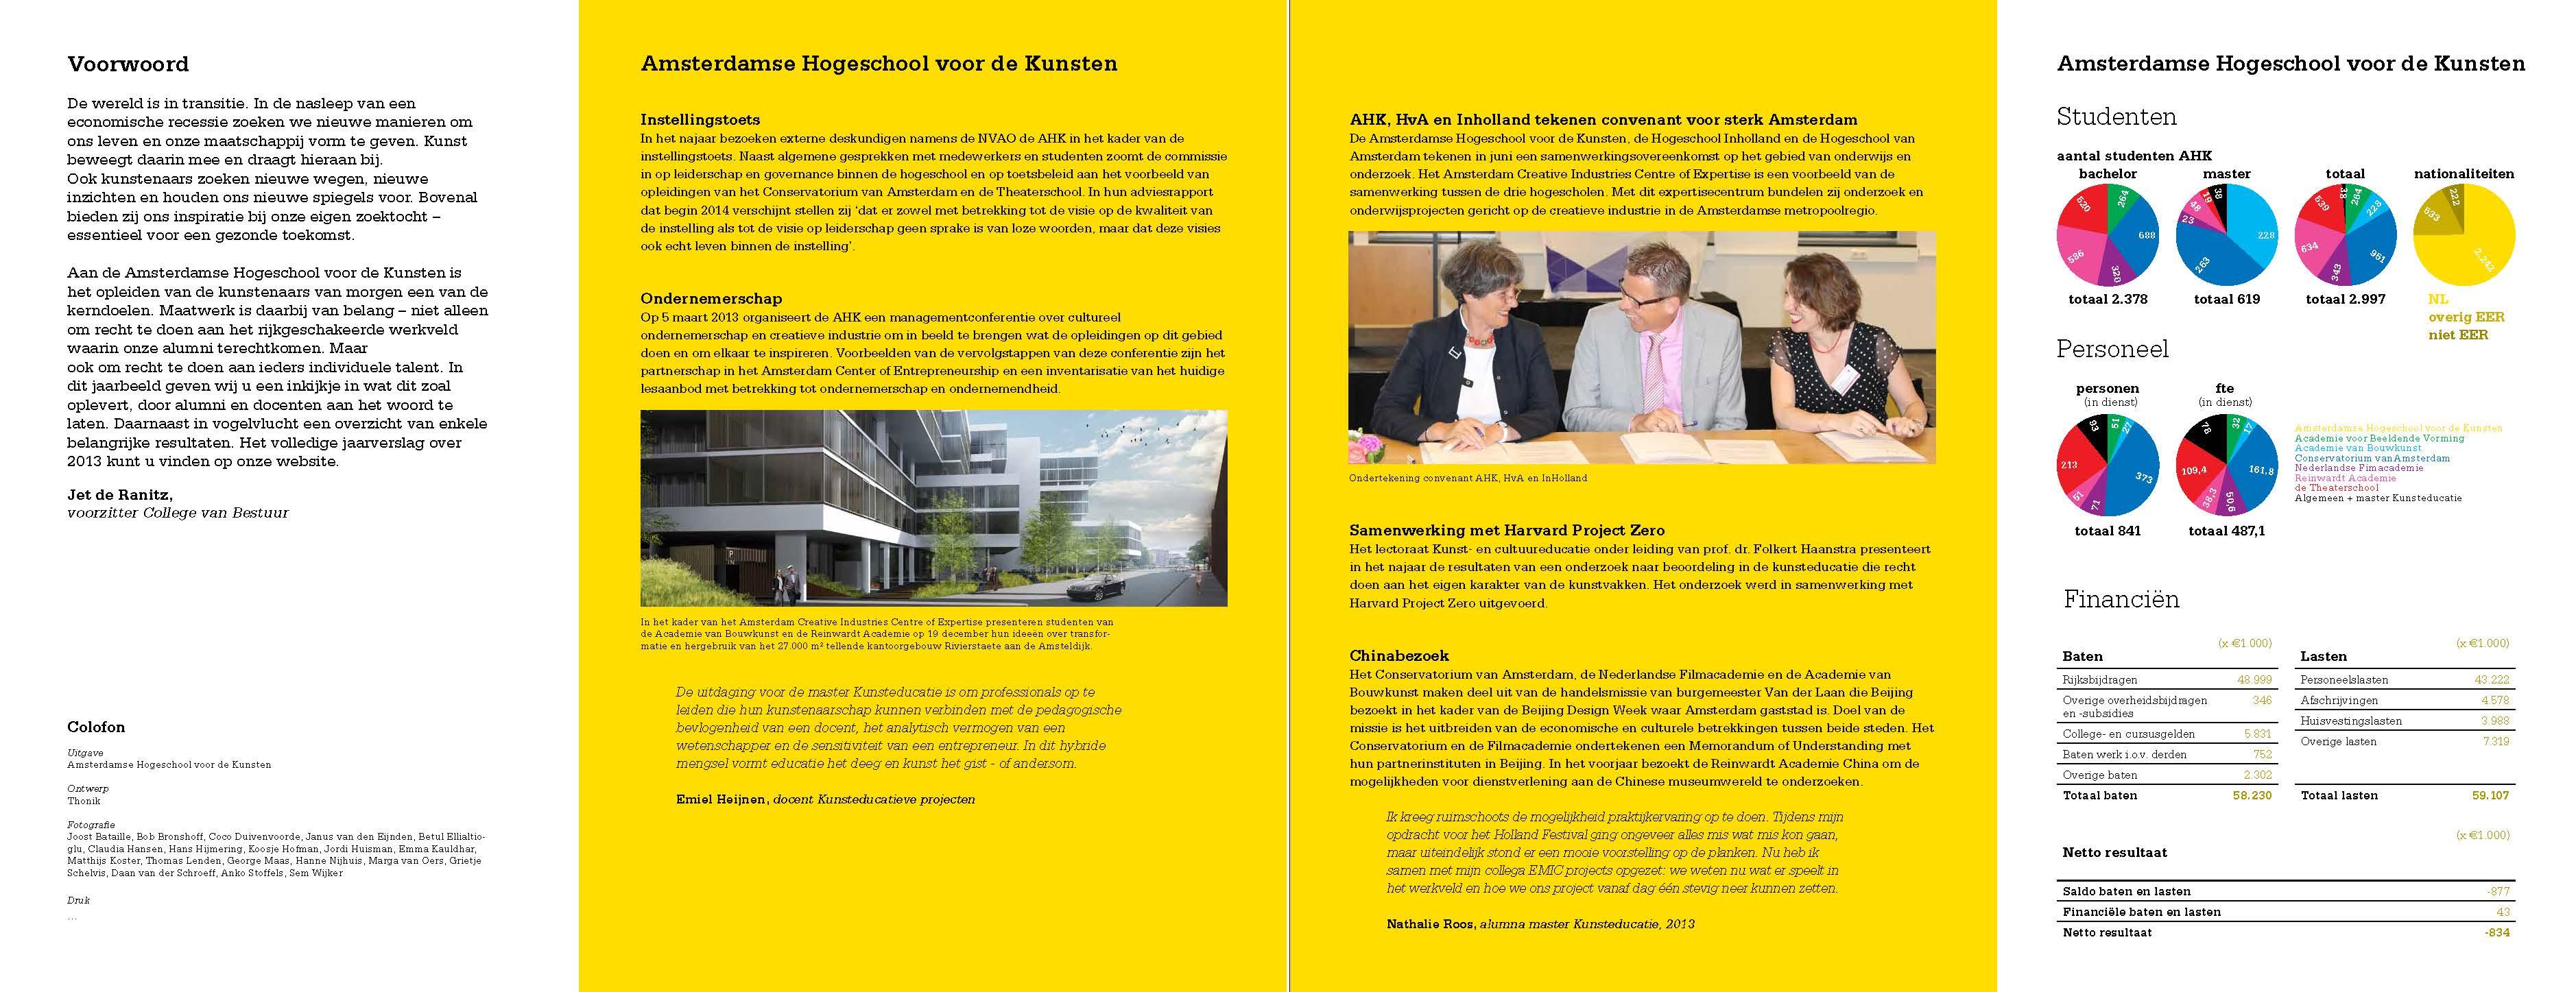 AHK_Jaarverslag_2013-2_Page_2